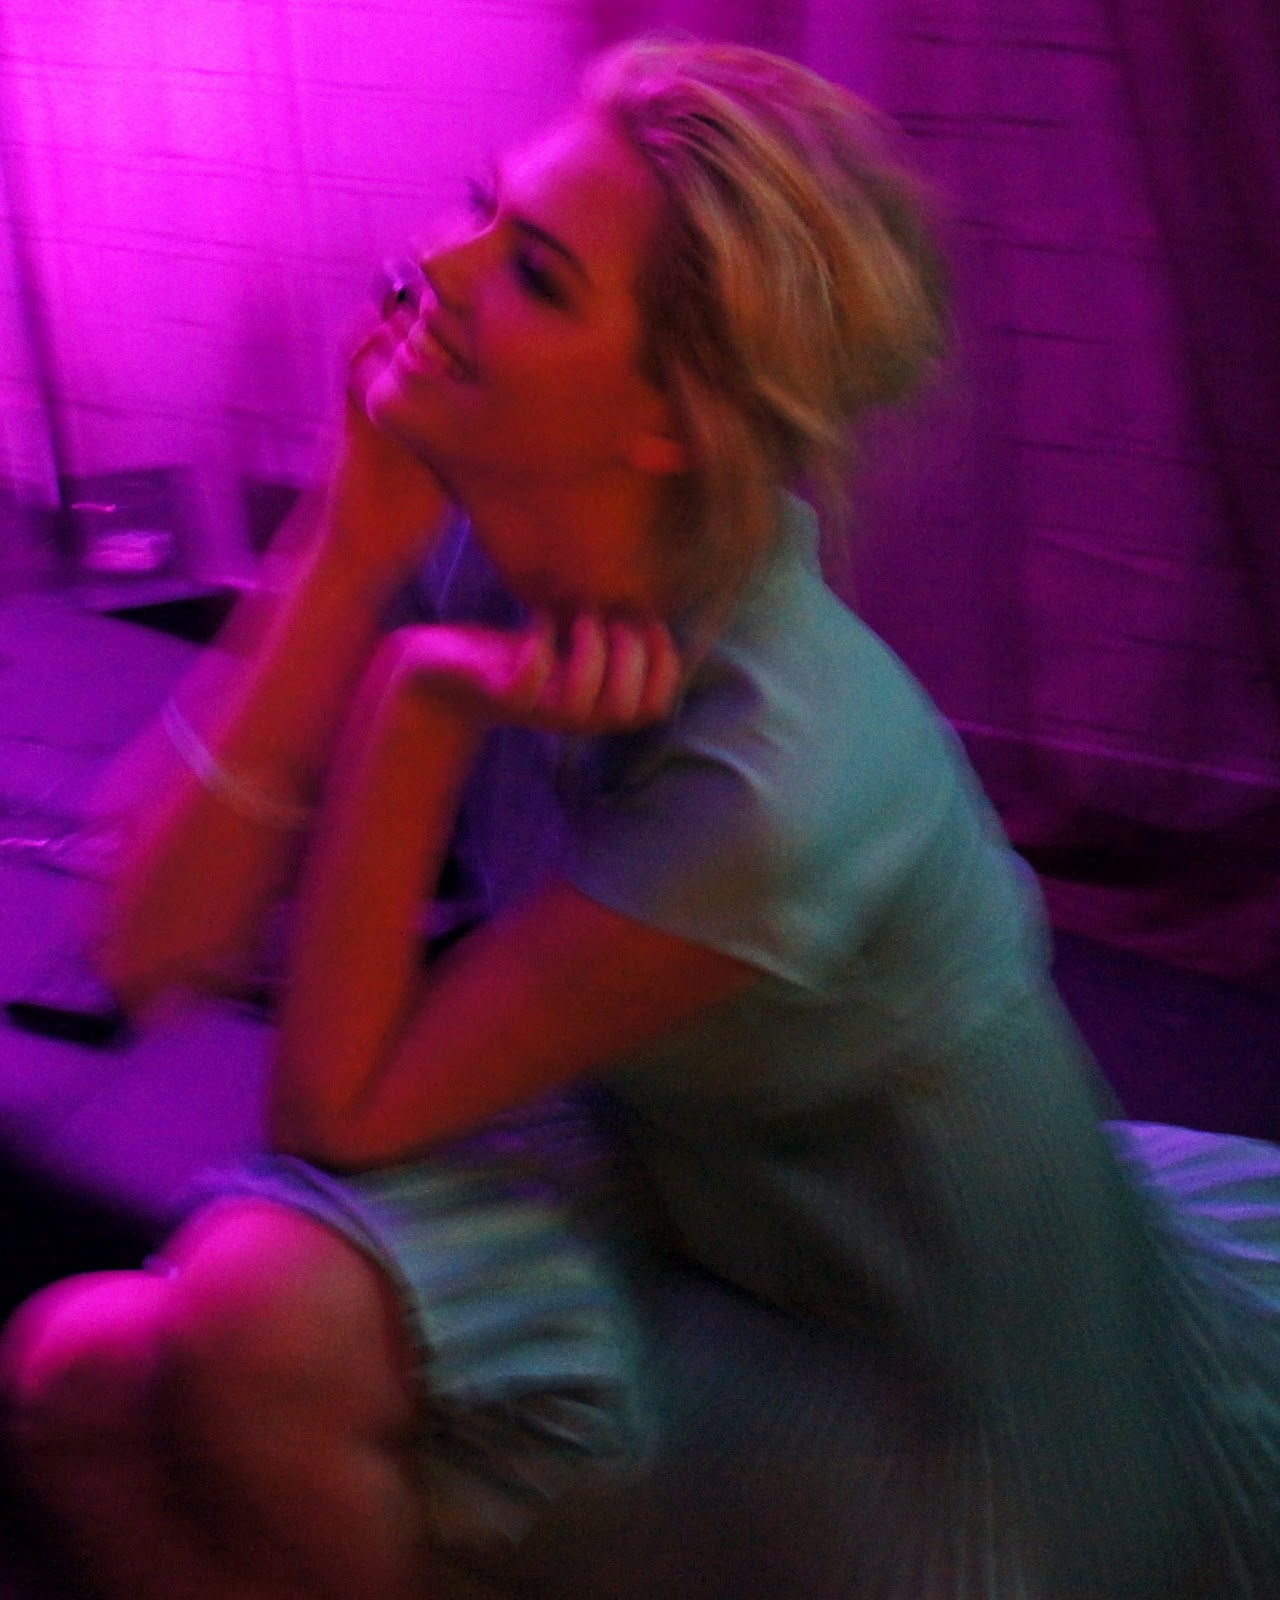 http://4.bp.blogspot.com/-8gPy7mI7AiU/T56rGCQhrLI/AAAAAAAAqwU/Ne9P3Tq4REg/s1600/Kate+upton+Chats+on+the+phone.JPG